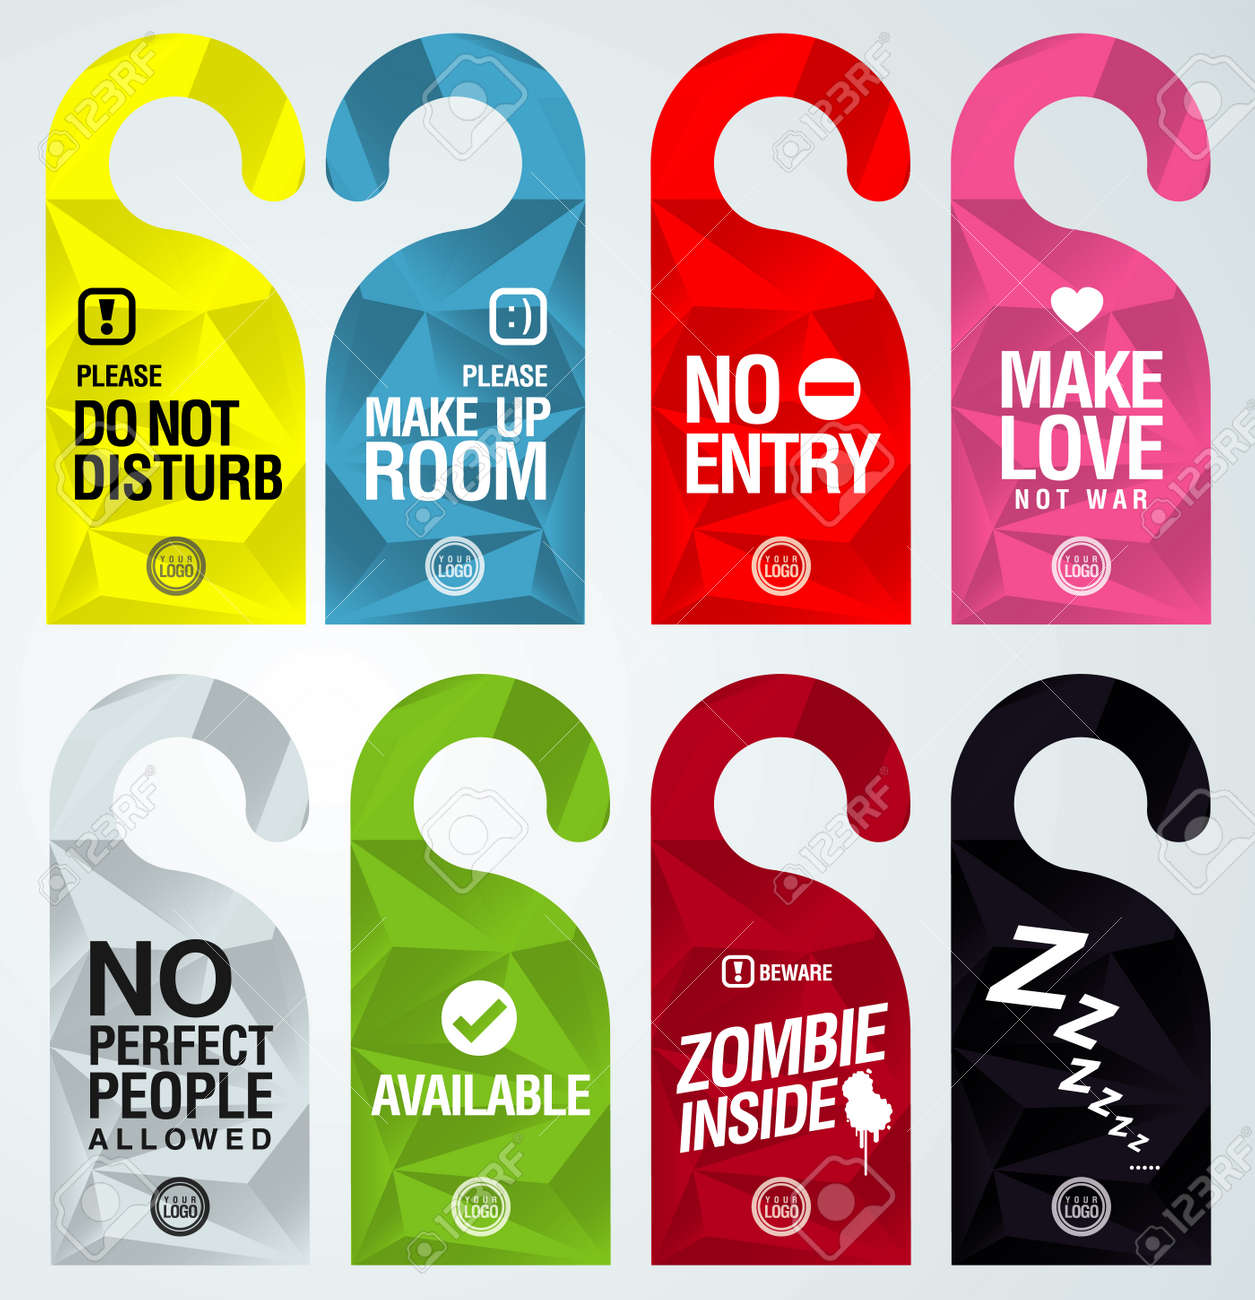 Door Hangers Design door hangers designed printed for pro serve property management